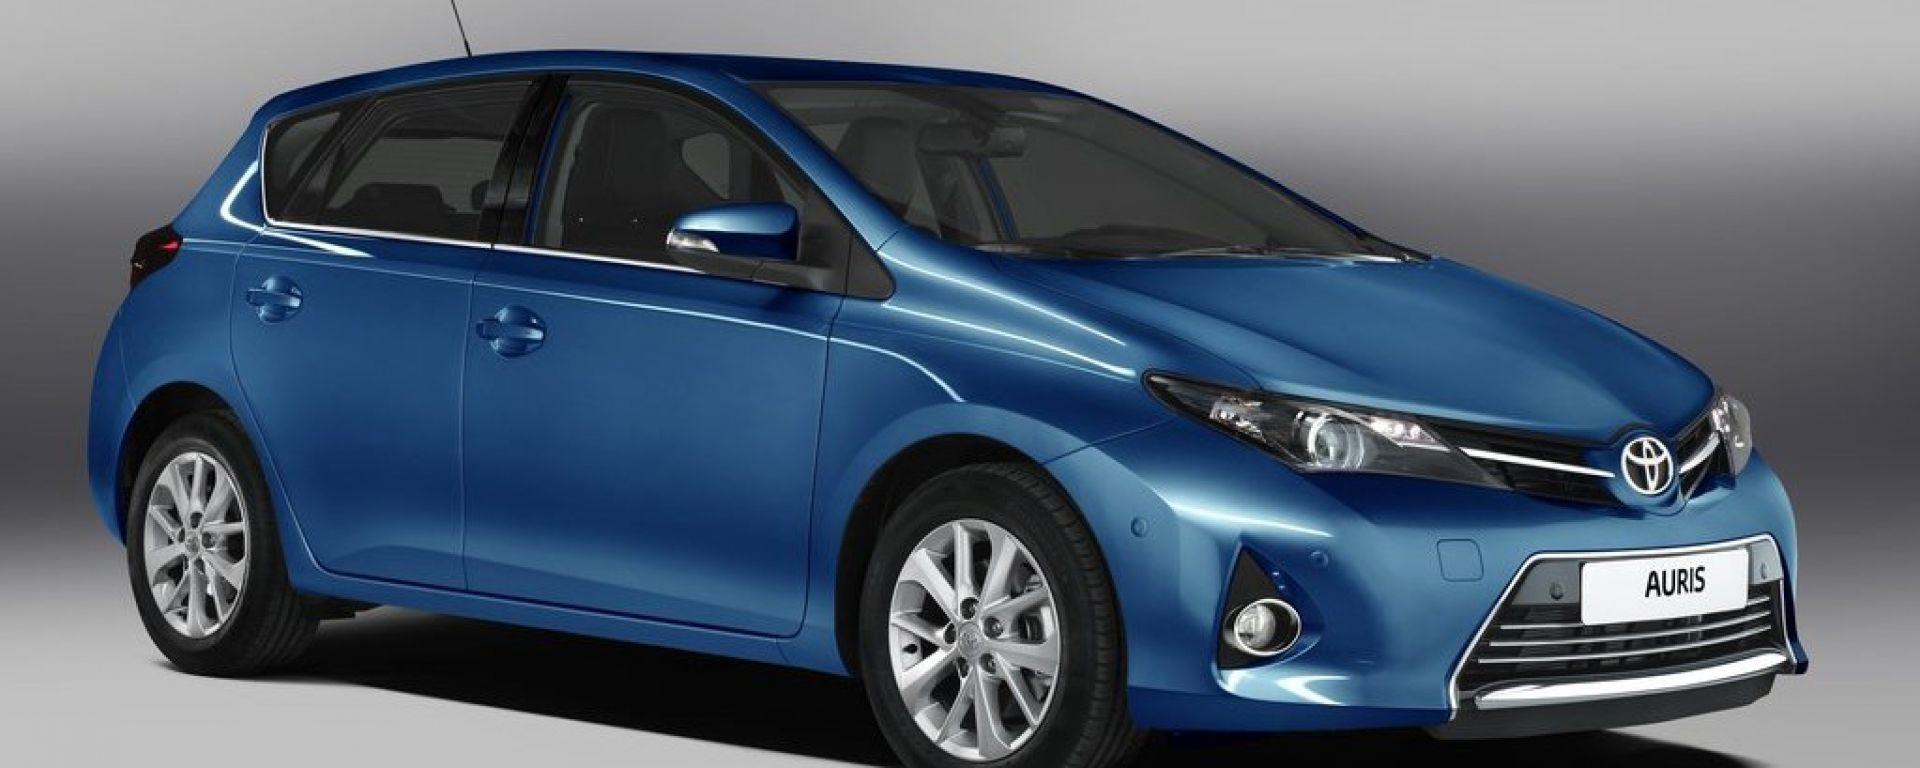 Toyota Auris 2013: nuove foto e video ufficiali